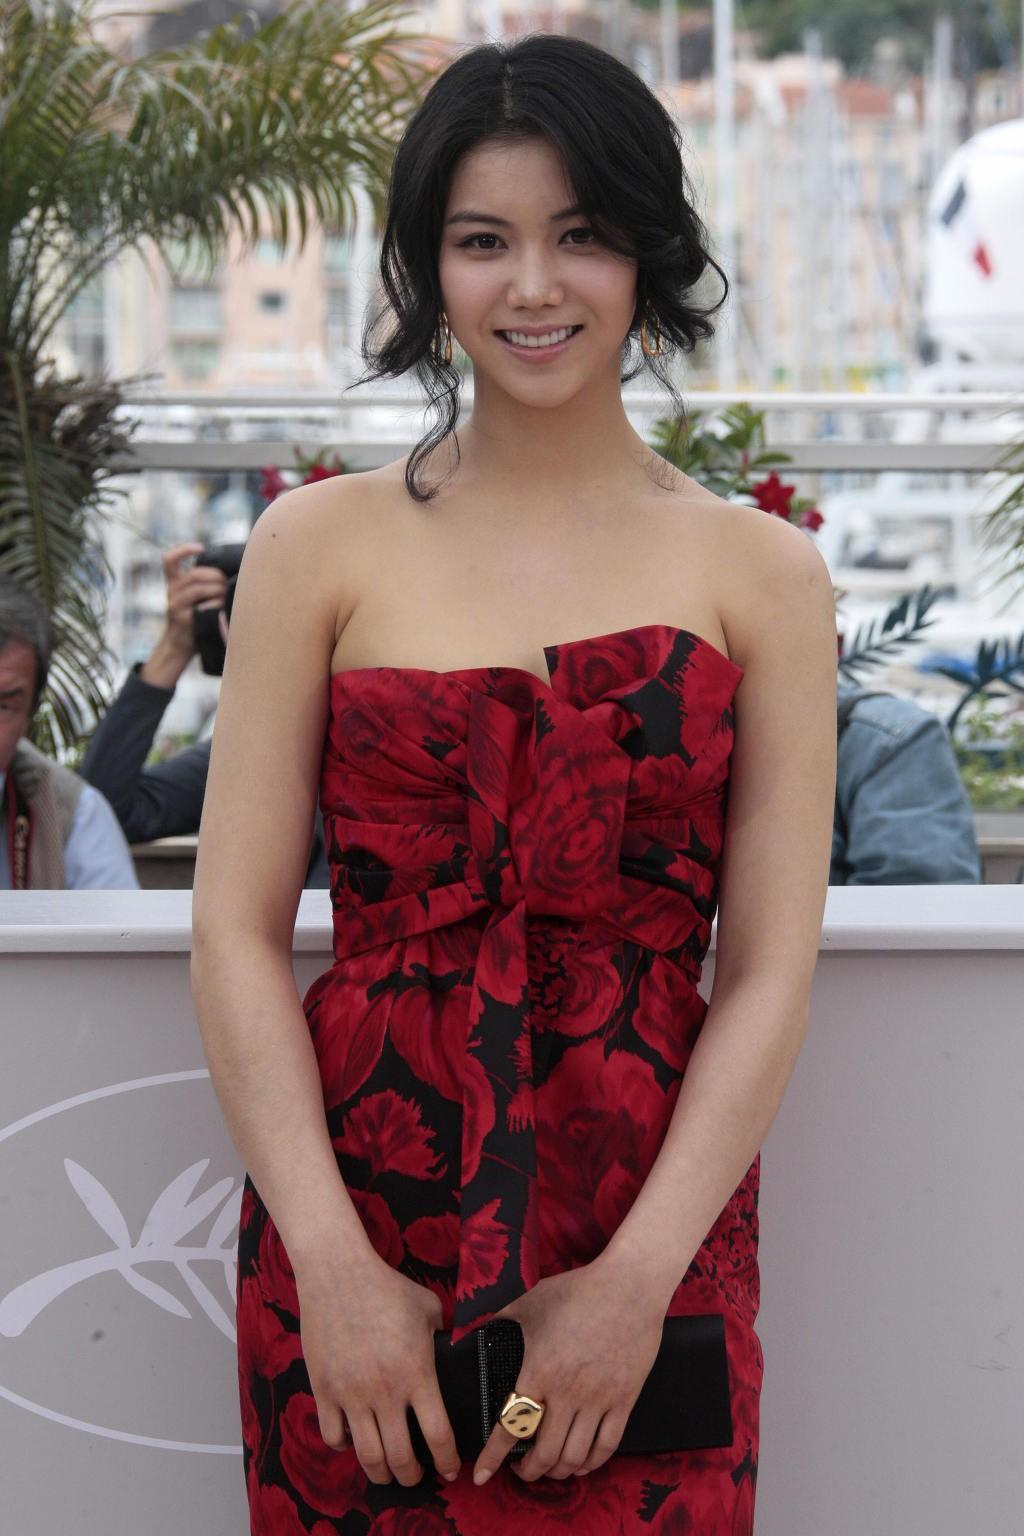 Kim Ok Bin sở hữu vóc dáng quyến rũ, tuy không quá xuất sắc nhưng lại gây được ấn tượng với các nhà làm phim và khán giả màn ảnh rộng.